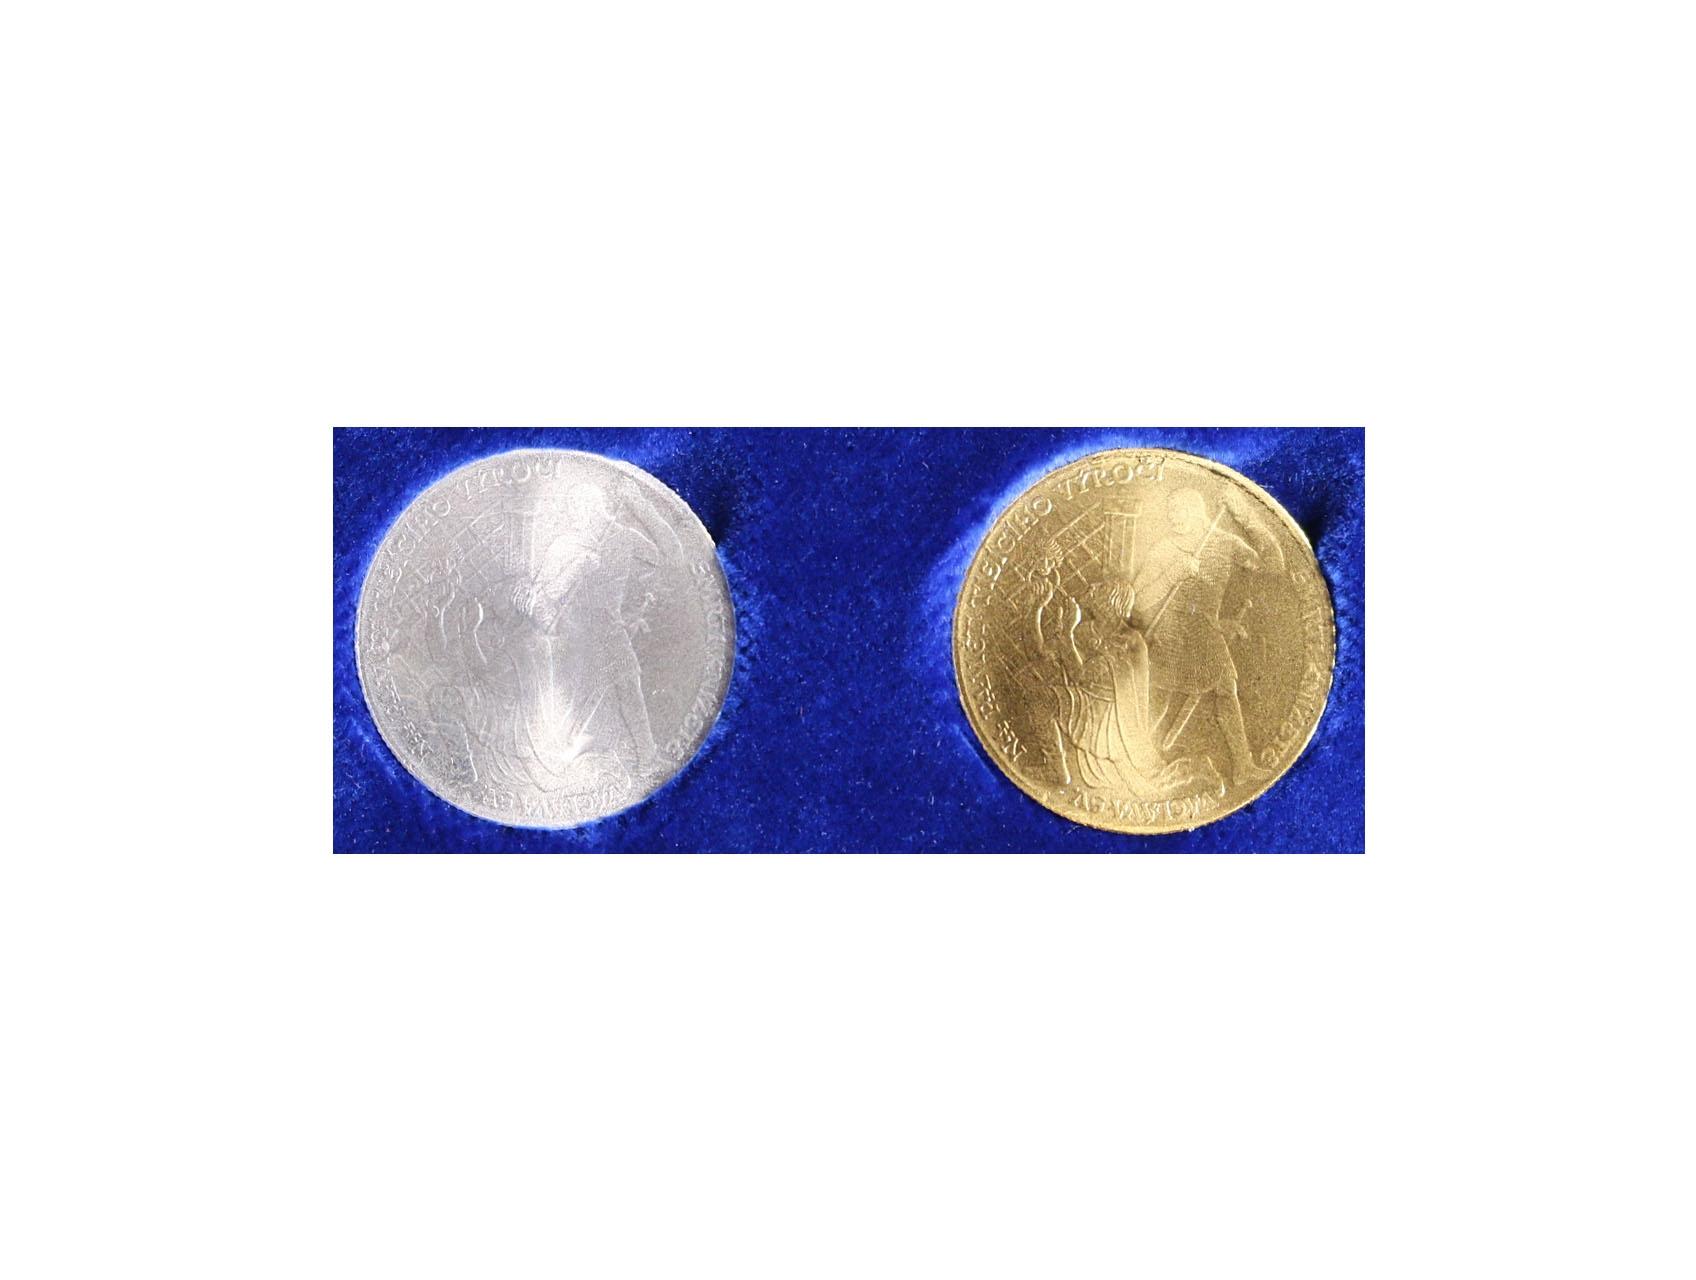 2017, Mincovňa Kremnica, sada medailí na 1000.výročí smrti sv. Václava, Au 0,986, 10g, Ag 0,999, 10g, náklad 120 ks, číslované certifikáty, tato sada má číslo